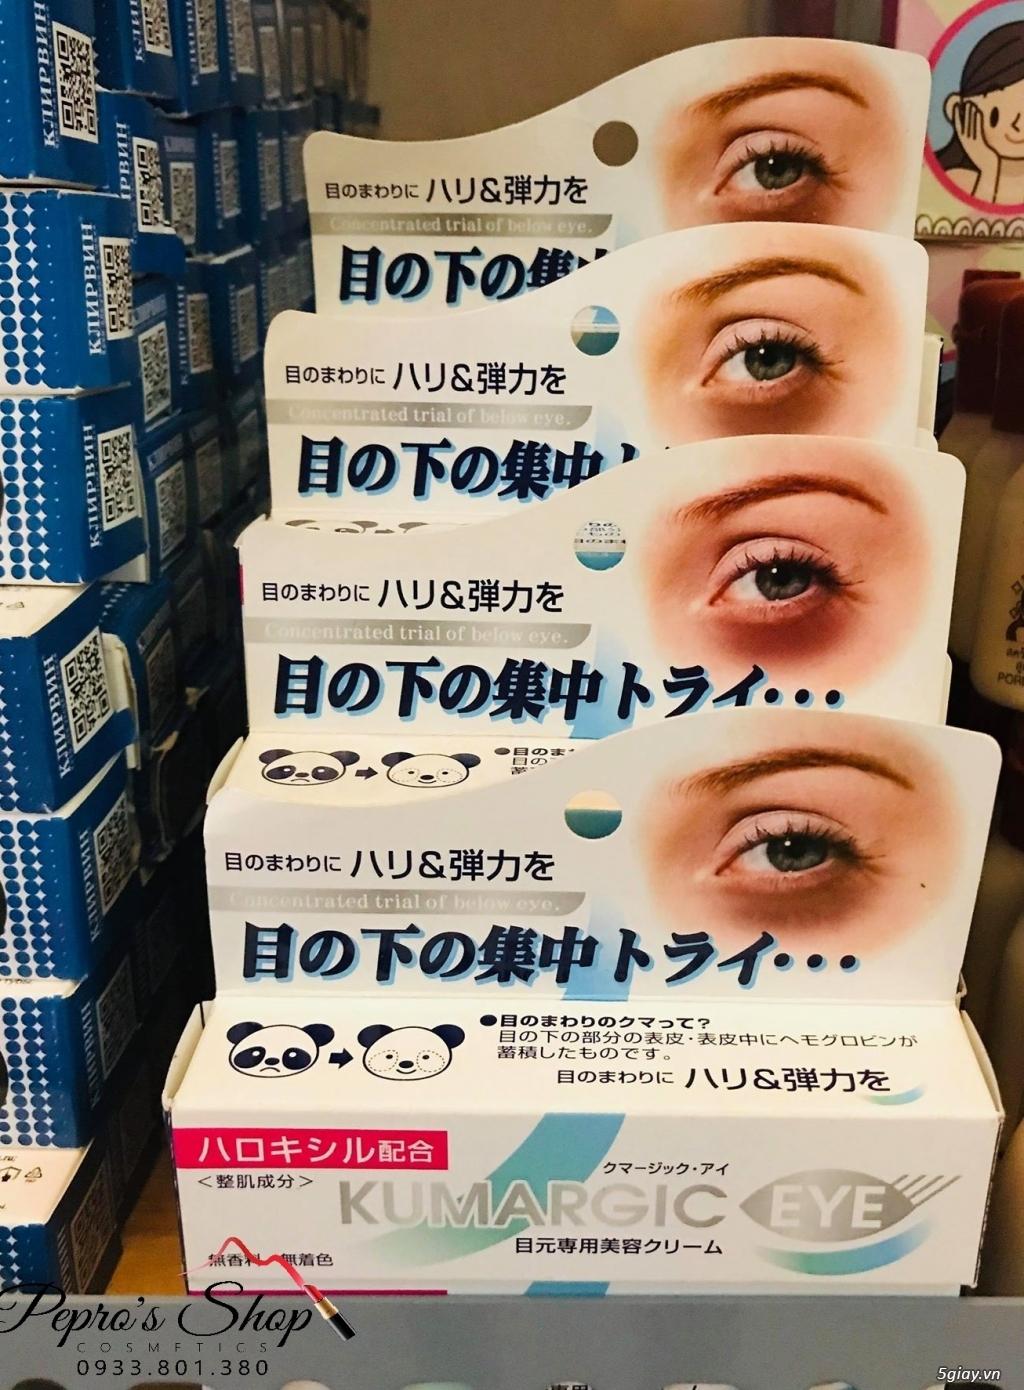 Kem Đặc Trị Thâm Quầng Mắt Kumargic Của Nhật an toàn và hiểu quả - 2